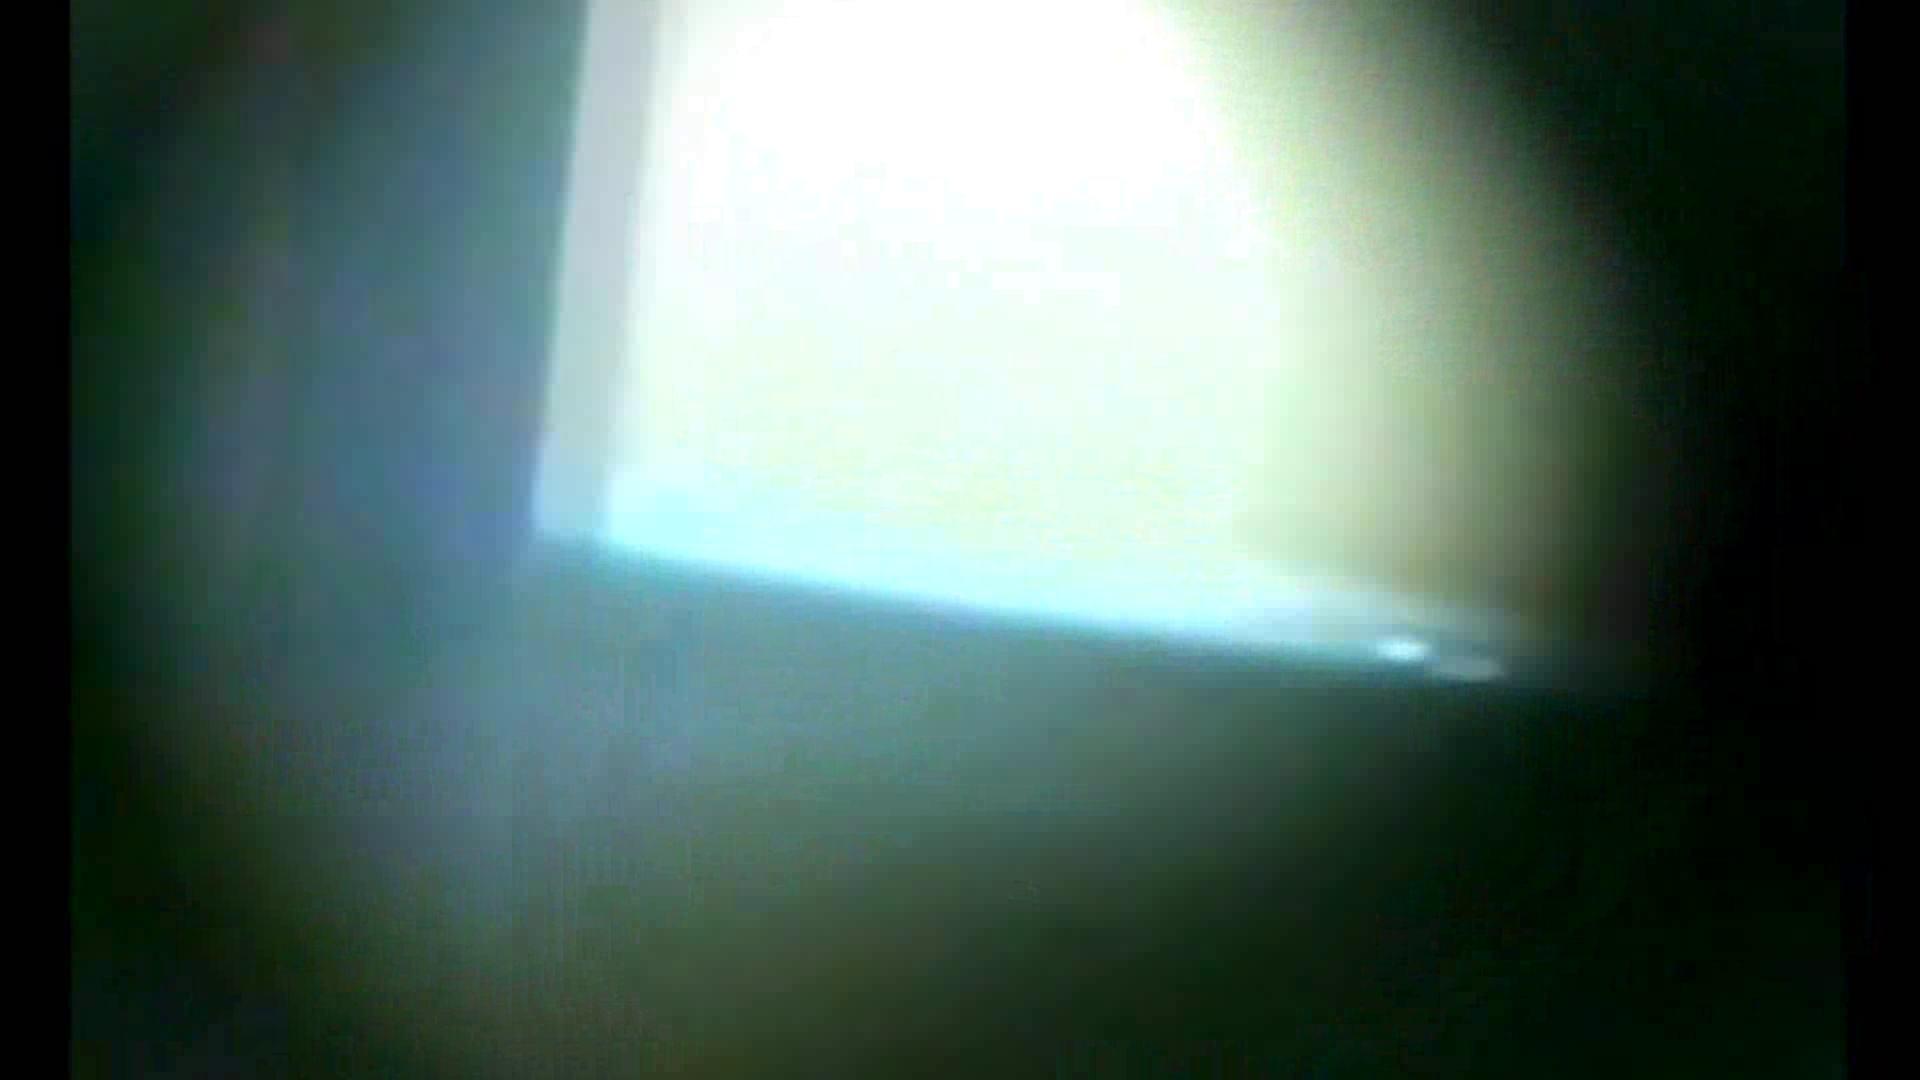 イケメンの素顔in洗面所 Vol.16 男天国 | イケメンのsex  109pic 19